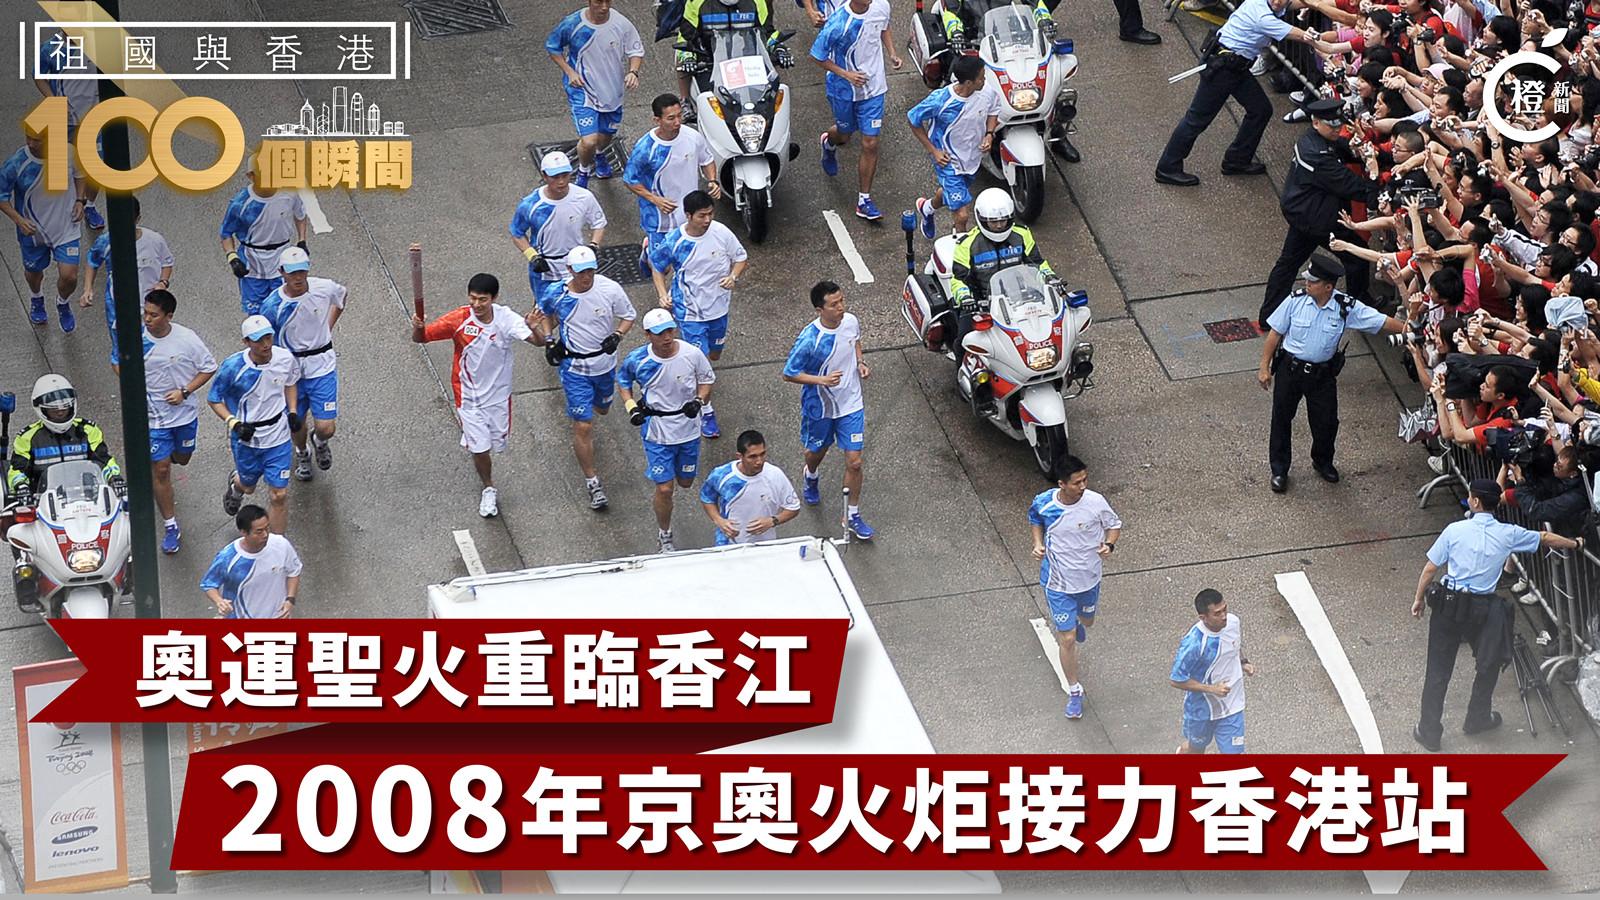 【祖國與香港100個瞬間】2008年奧運聖火再臨香港 火炬接力激發民眾熱情